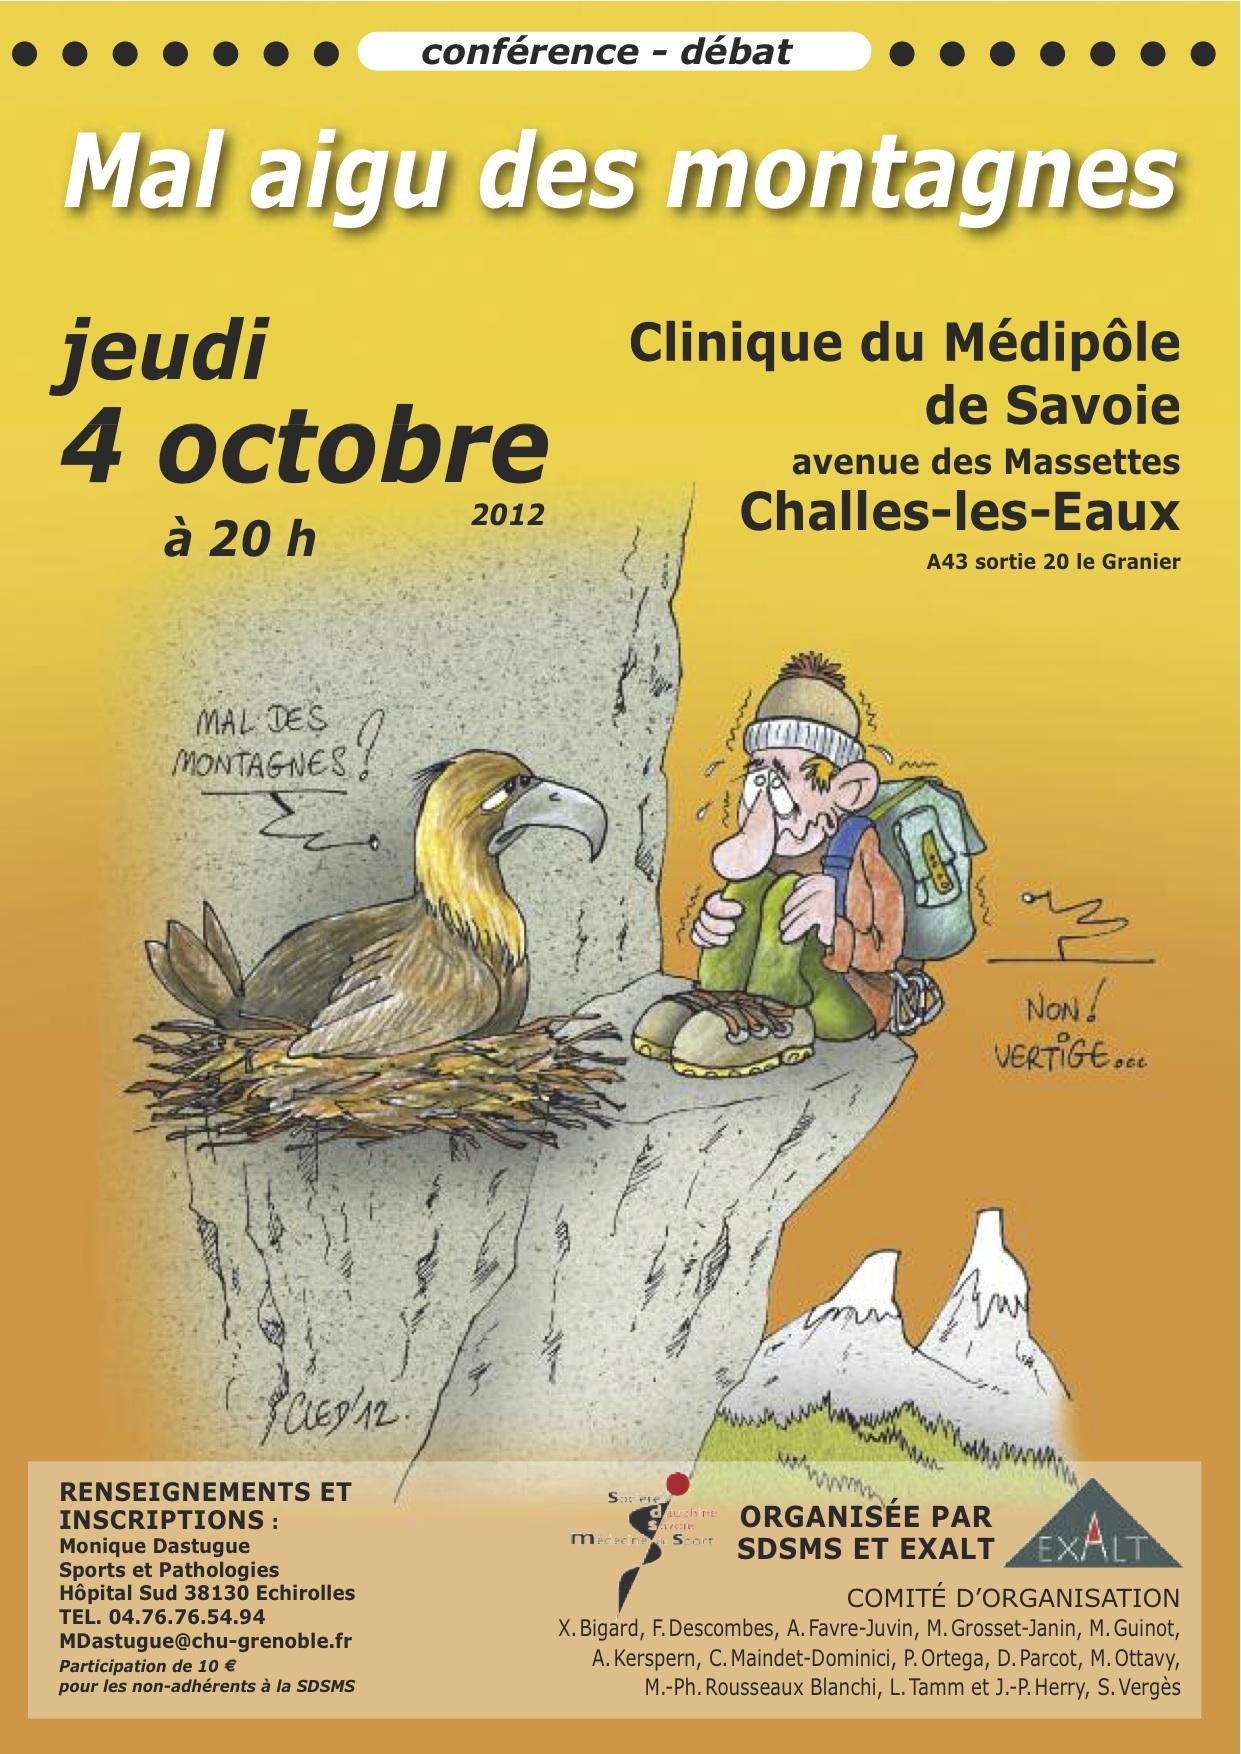 le mal aigu des montagnes ... - Centre Médecine du Sport de Lyon Gerland